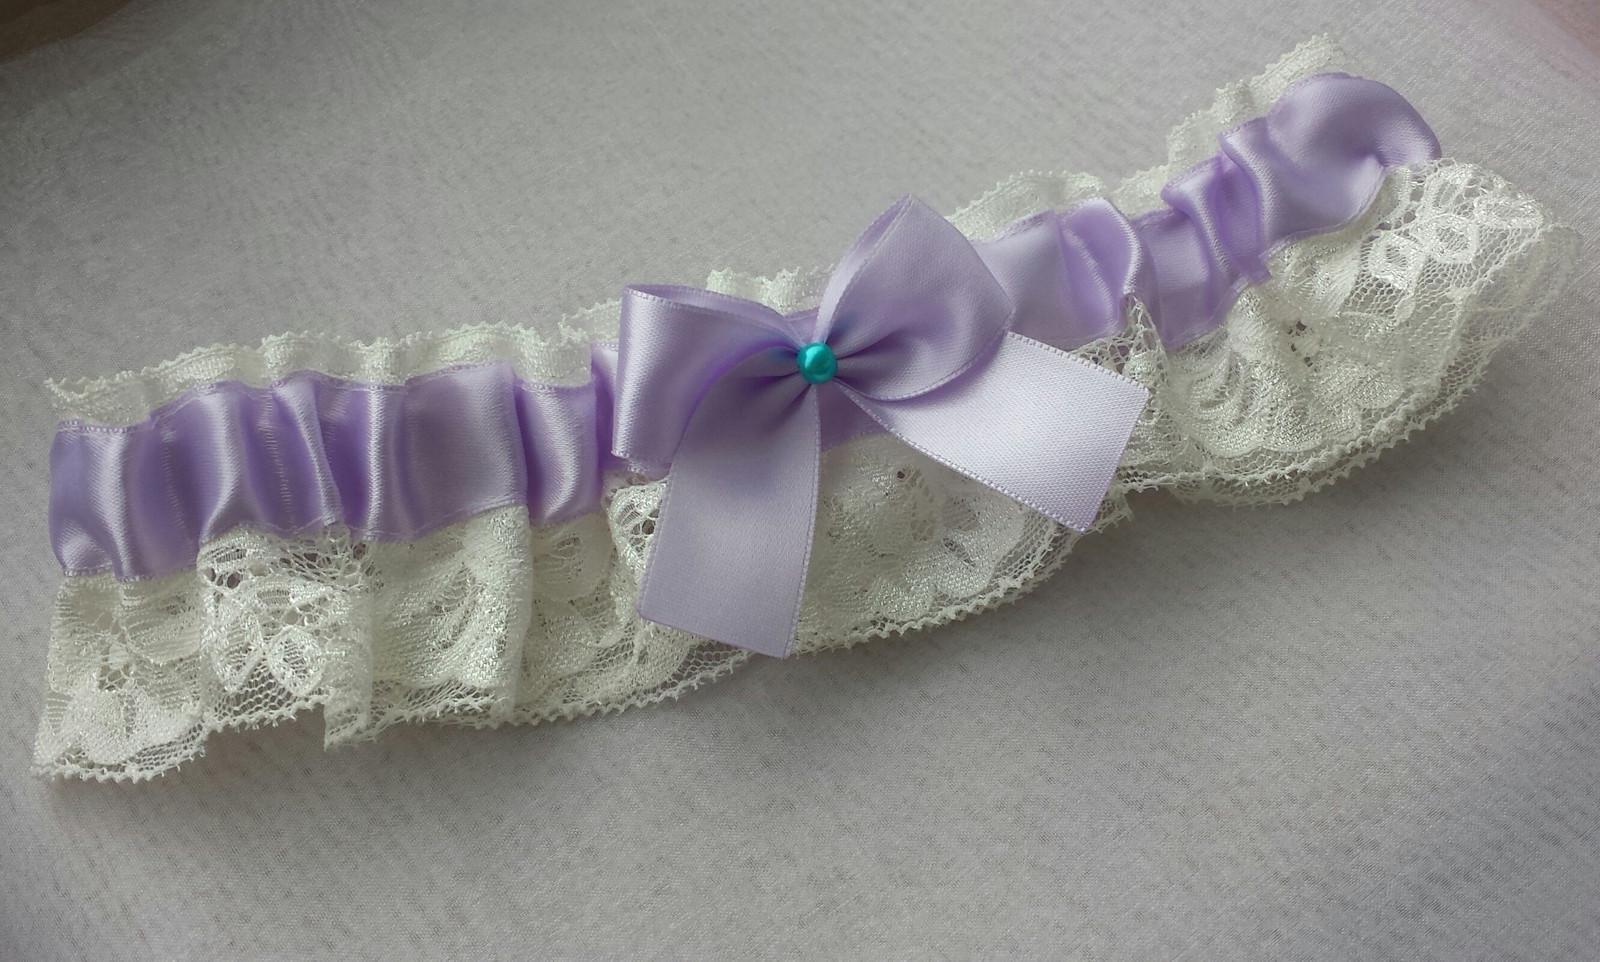 Bílý polštářek pod prstýnky s lila mašlí - Obrázek č. 2